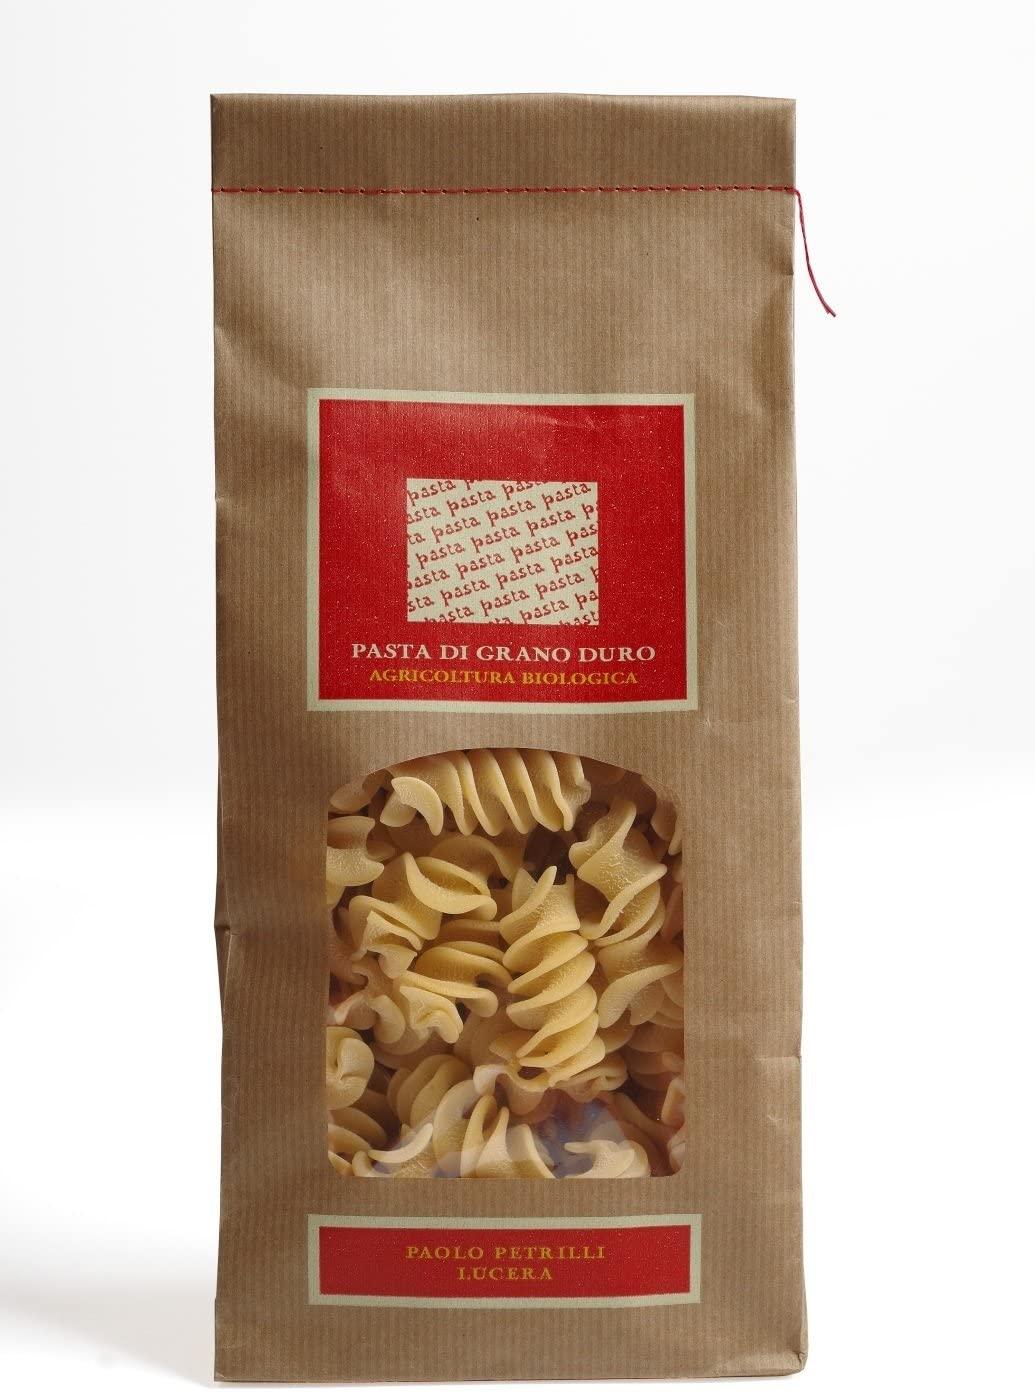 pasta-100-italiana-paolo-petrilli